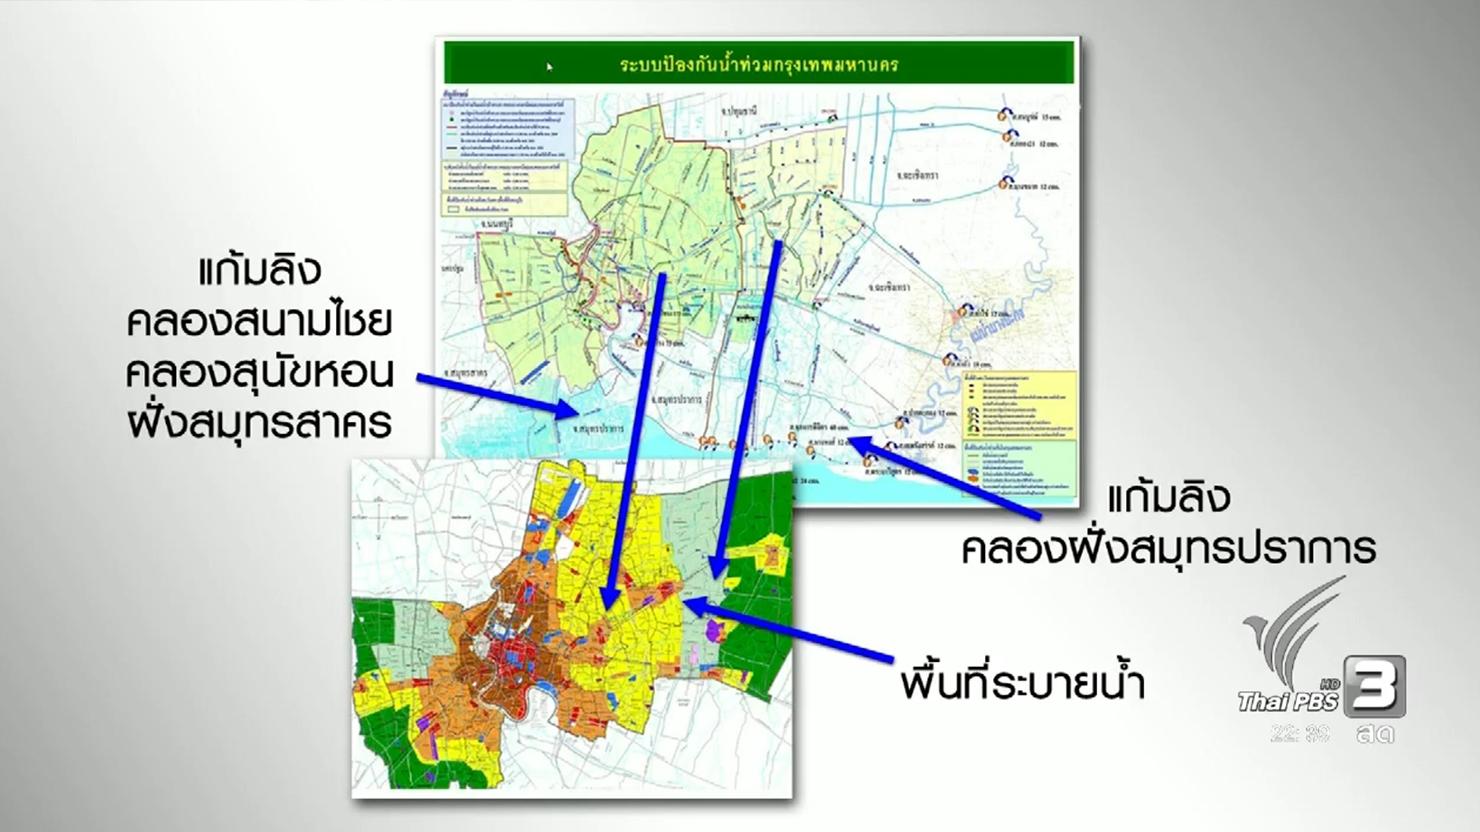 คิดยกกำลัง 2 : ทฤษฏีการแก้ไขปัญหาน้ำท่วมกรุงเทพมหานครอันเนื่องมาจากพระราชดำริ